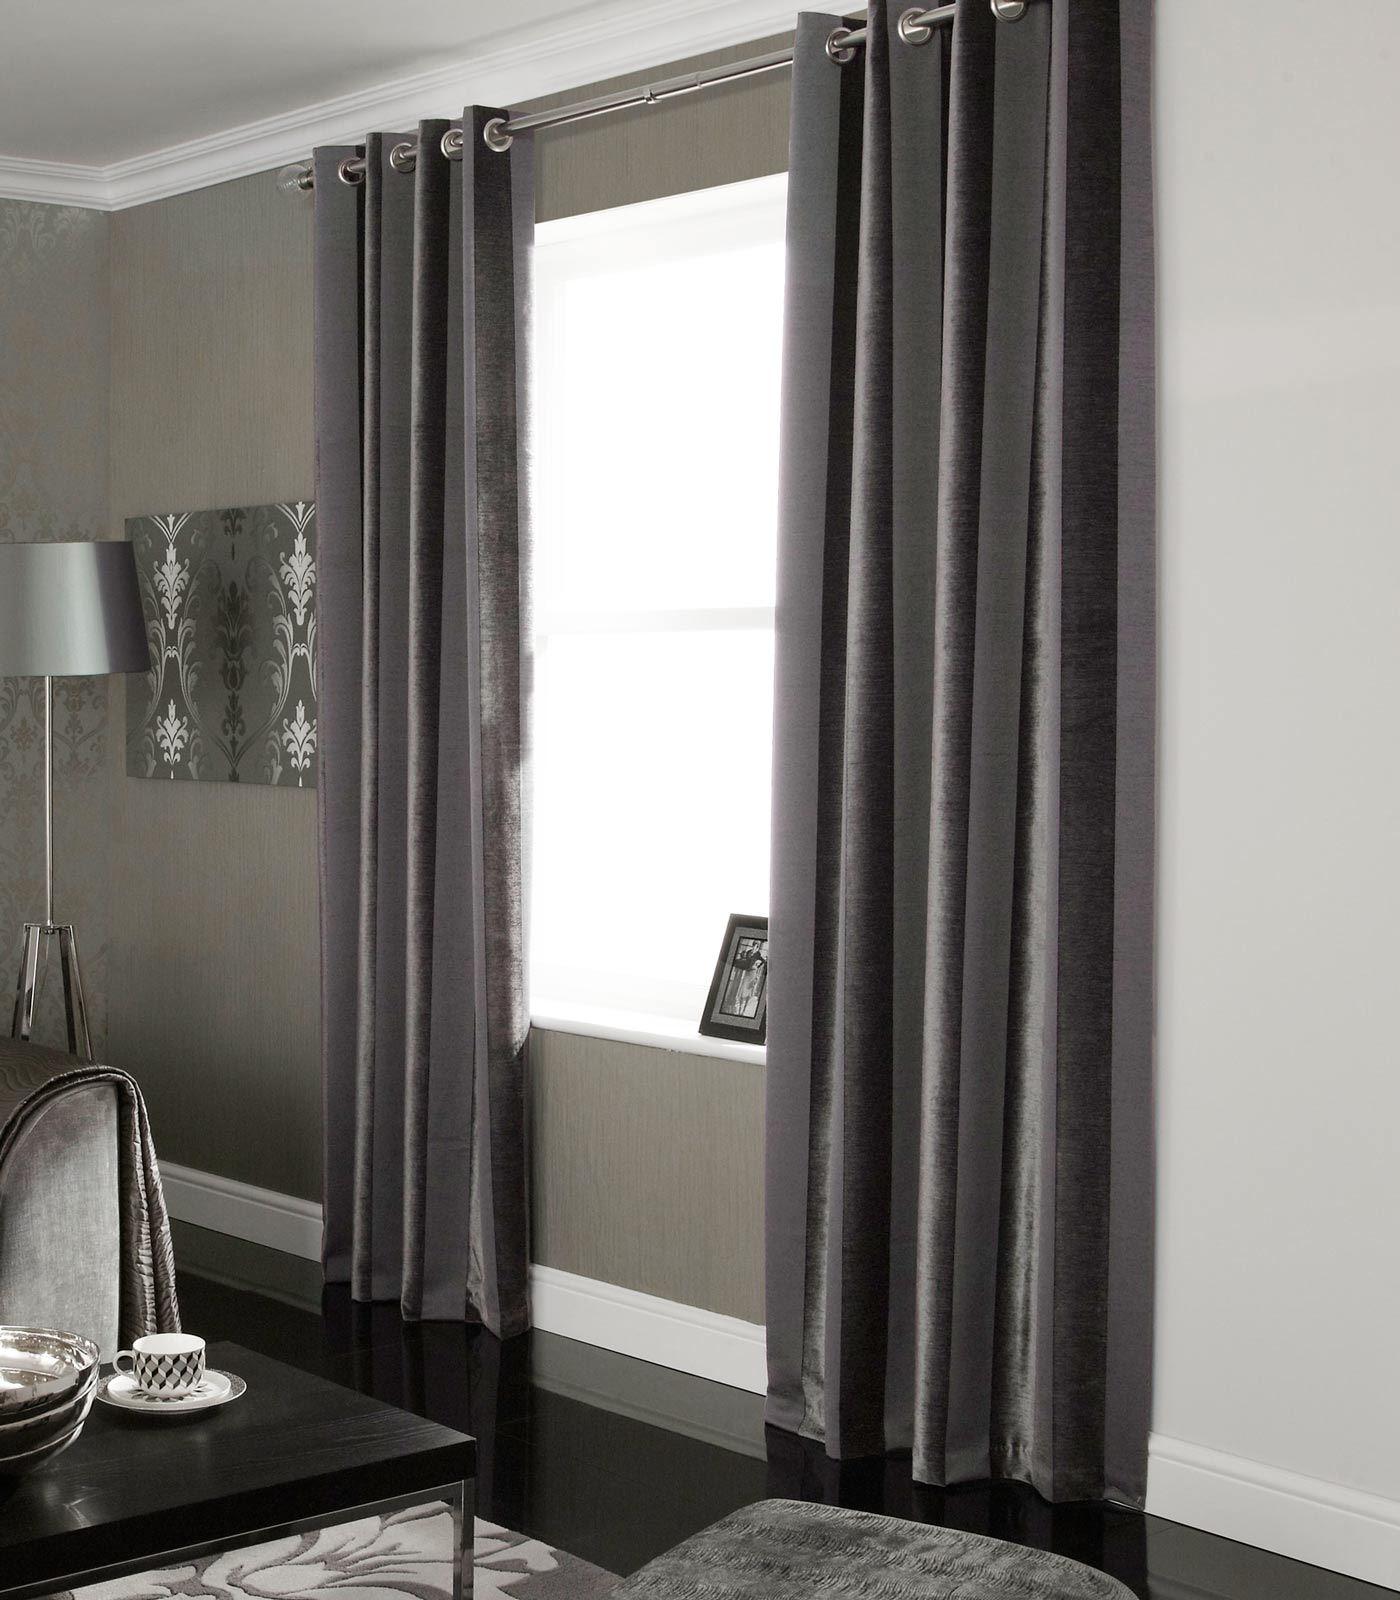 se vorh nge fertige vorh nge boheme schwere vorh nge grau beige ebay. Black Bedroom Furniture Sets. Home Design Ideas